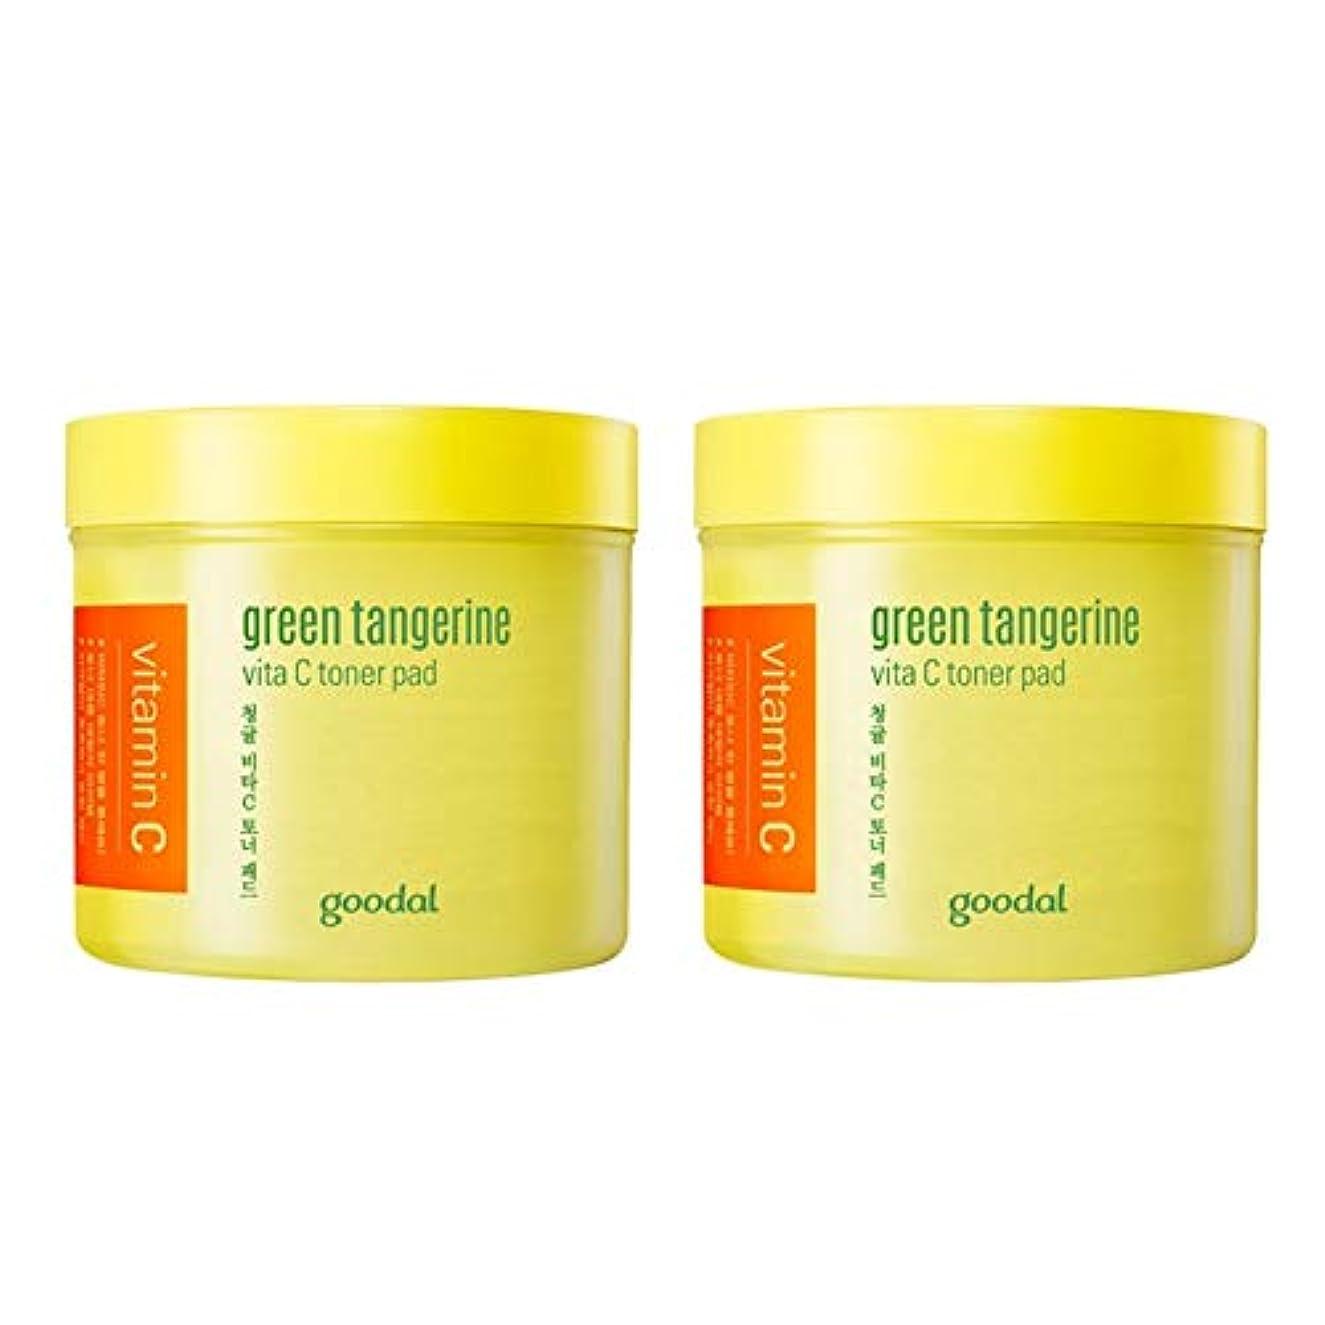 ハンカチクリックトンネルグドール青みかんヴィータCトナーパッド70px2本セット質除去、水分供給 韓国コスメ 、Goodal Green Tangerine Vita C Toner Pad 70p x 2ea Set Korean Cosmetics...